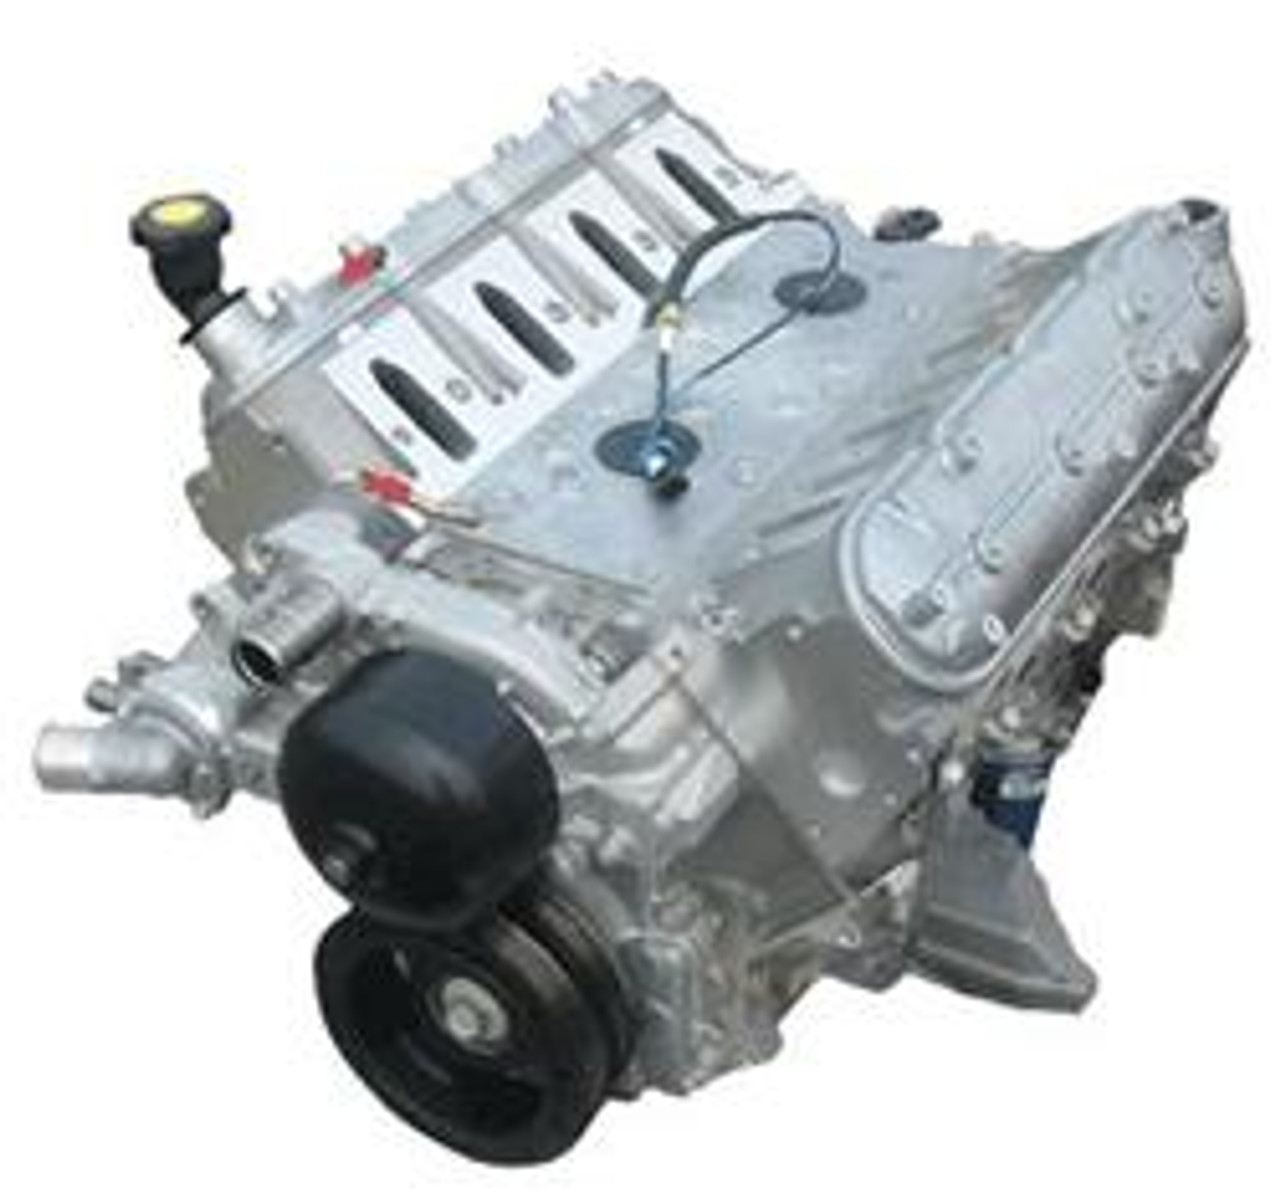 LSX LS1 5.7L Full Engine Rebuild Kit